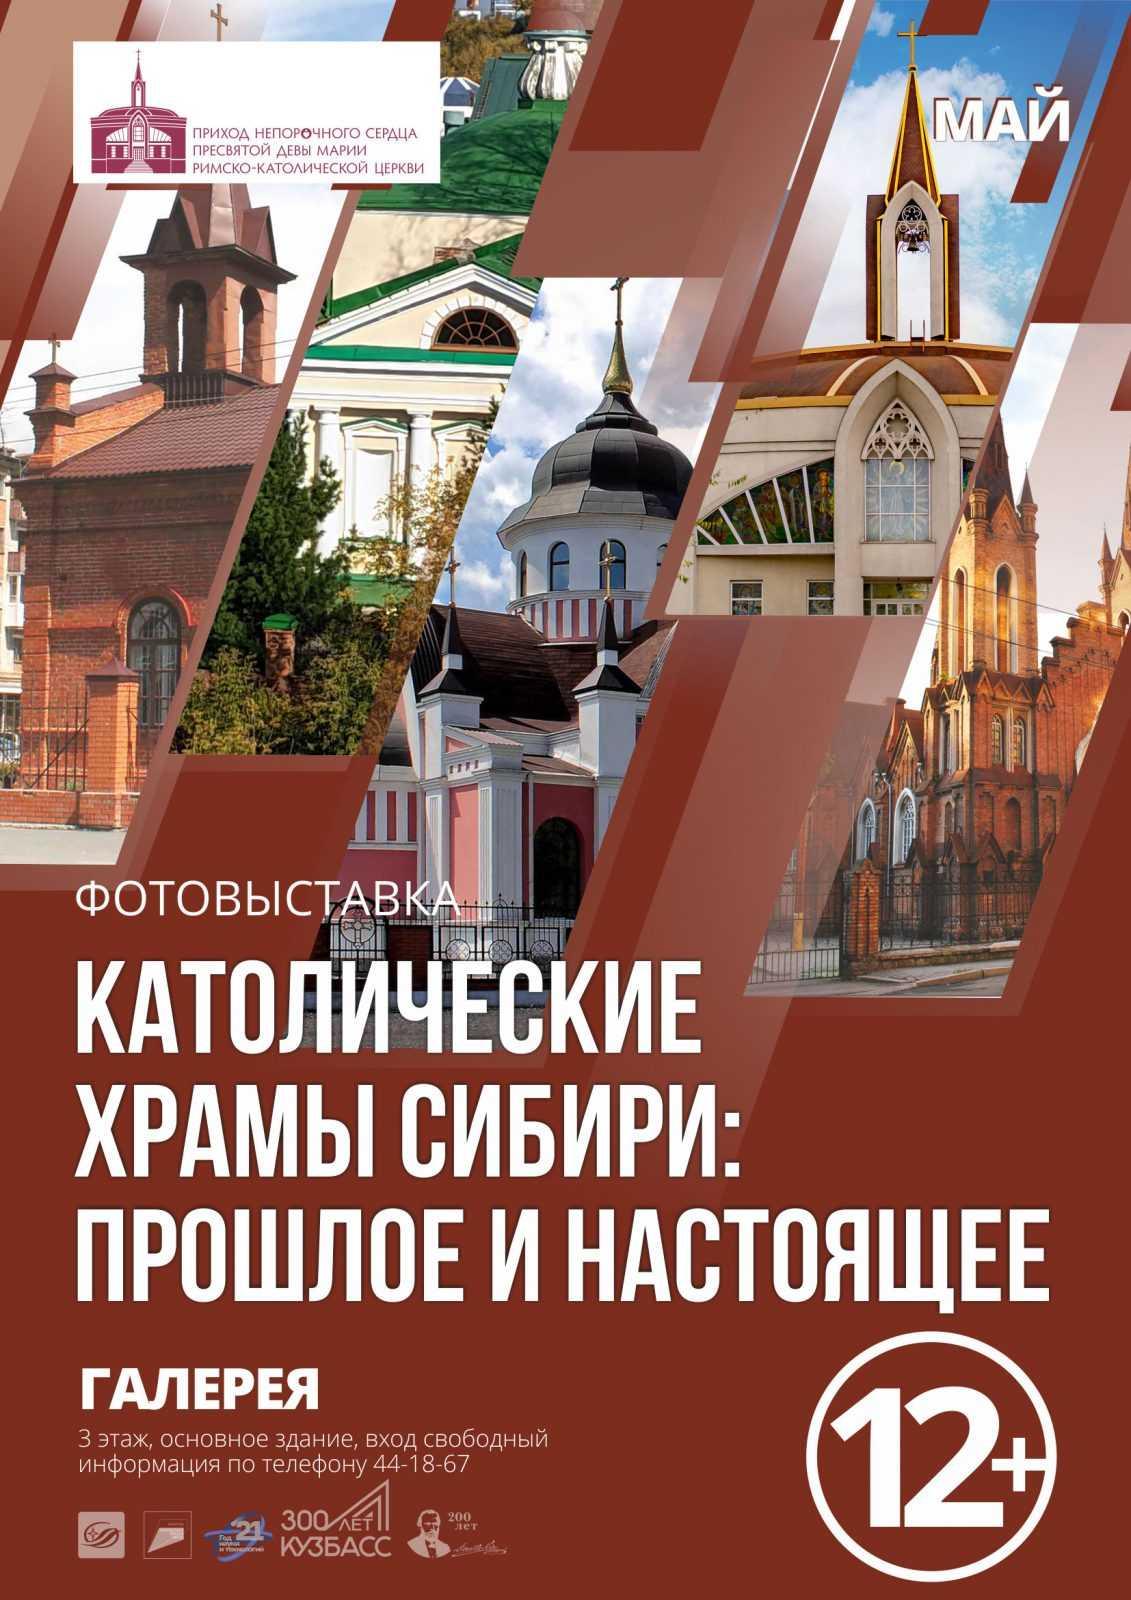 Фотовыставка «Католические храмы Сибири: прошлое и настоящее»